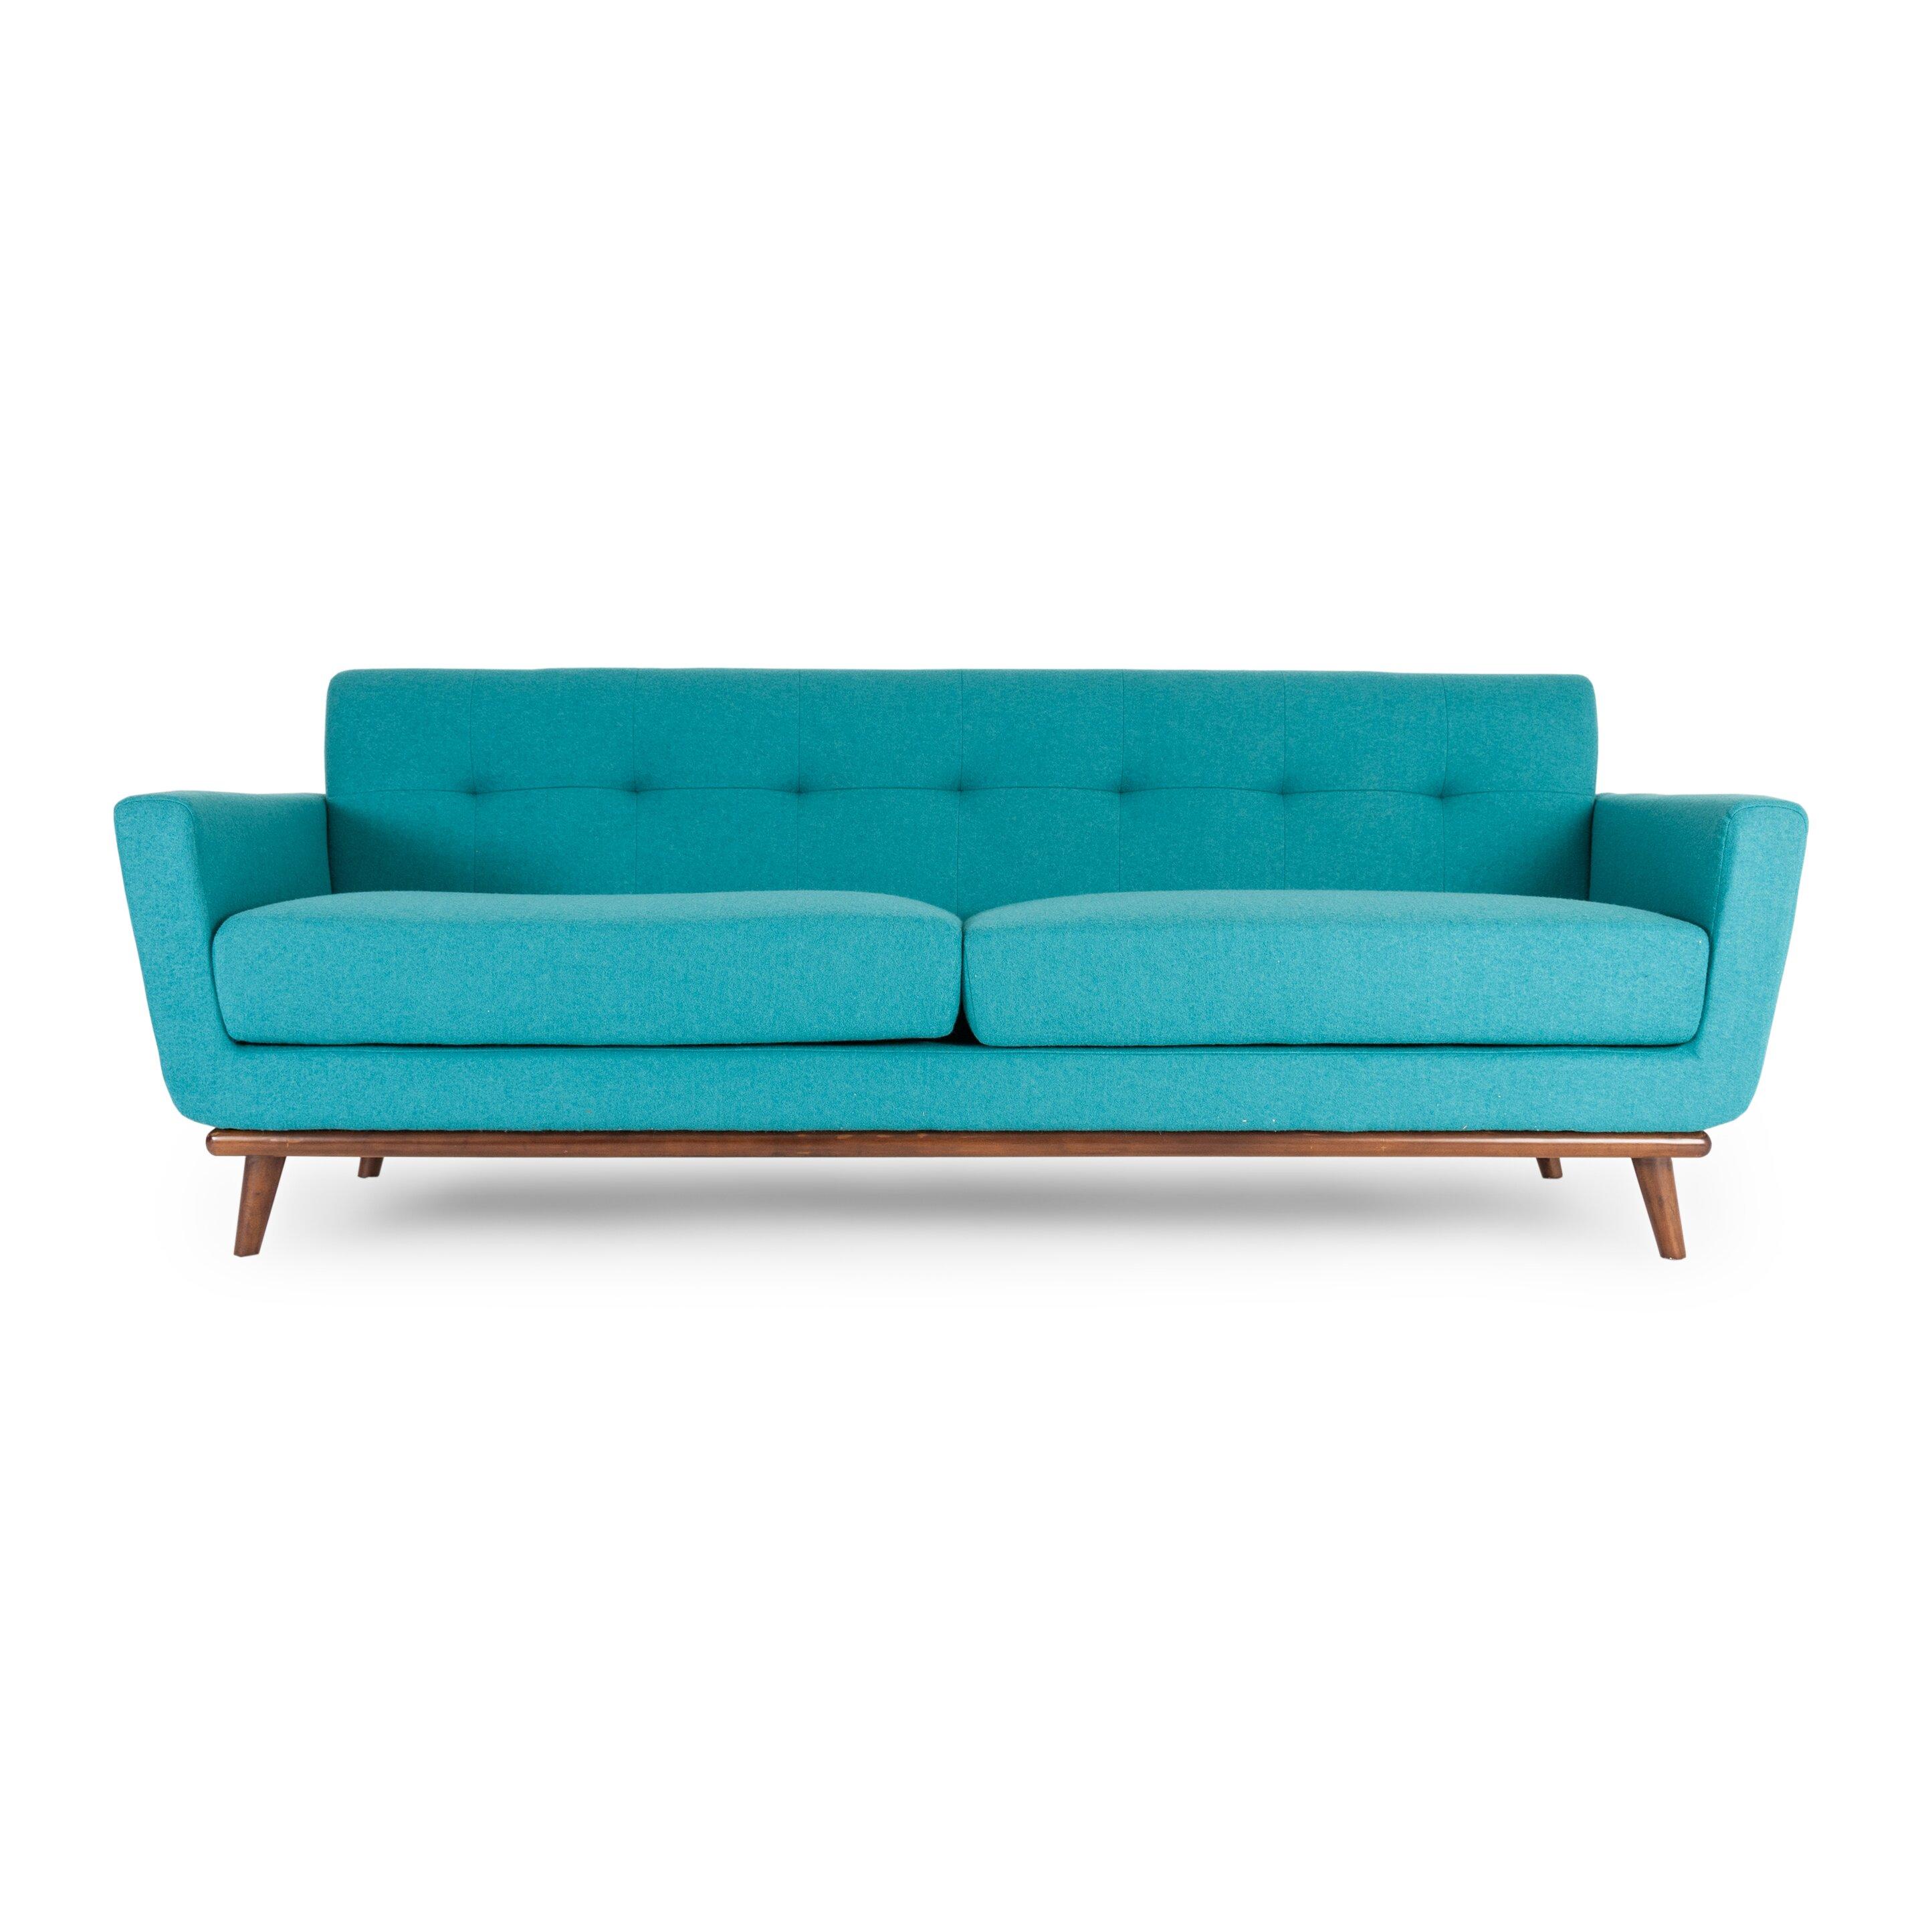 Kardiel jackie mid century modern vintage sofa reviews for Mid century modern sofas